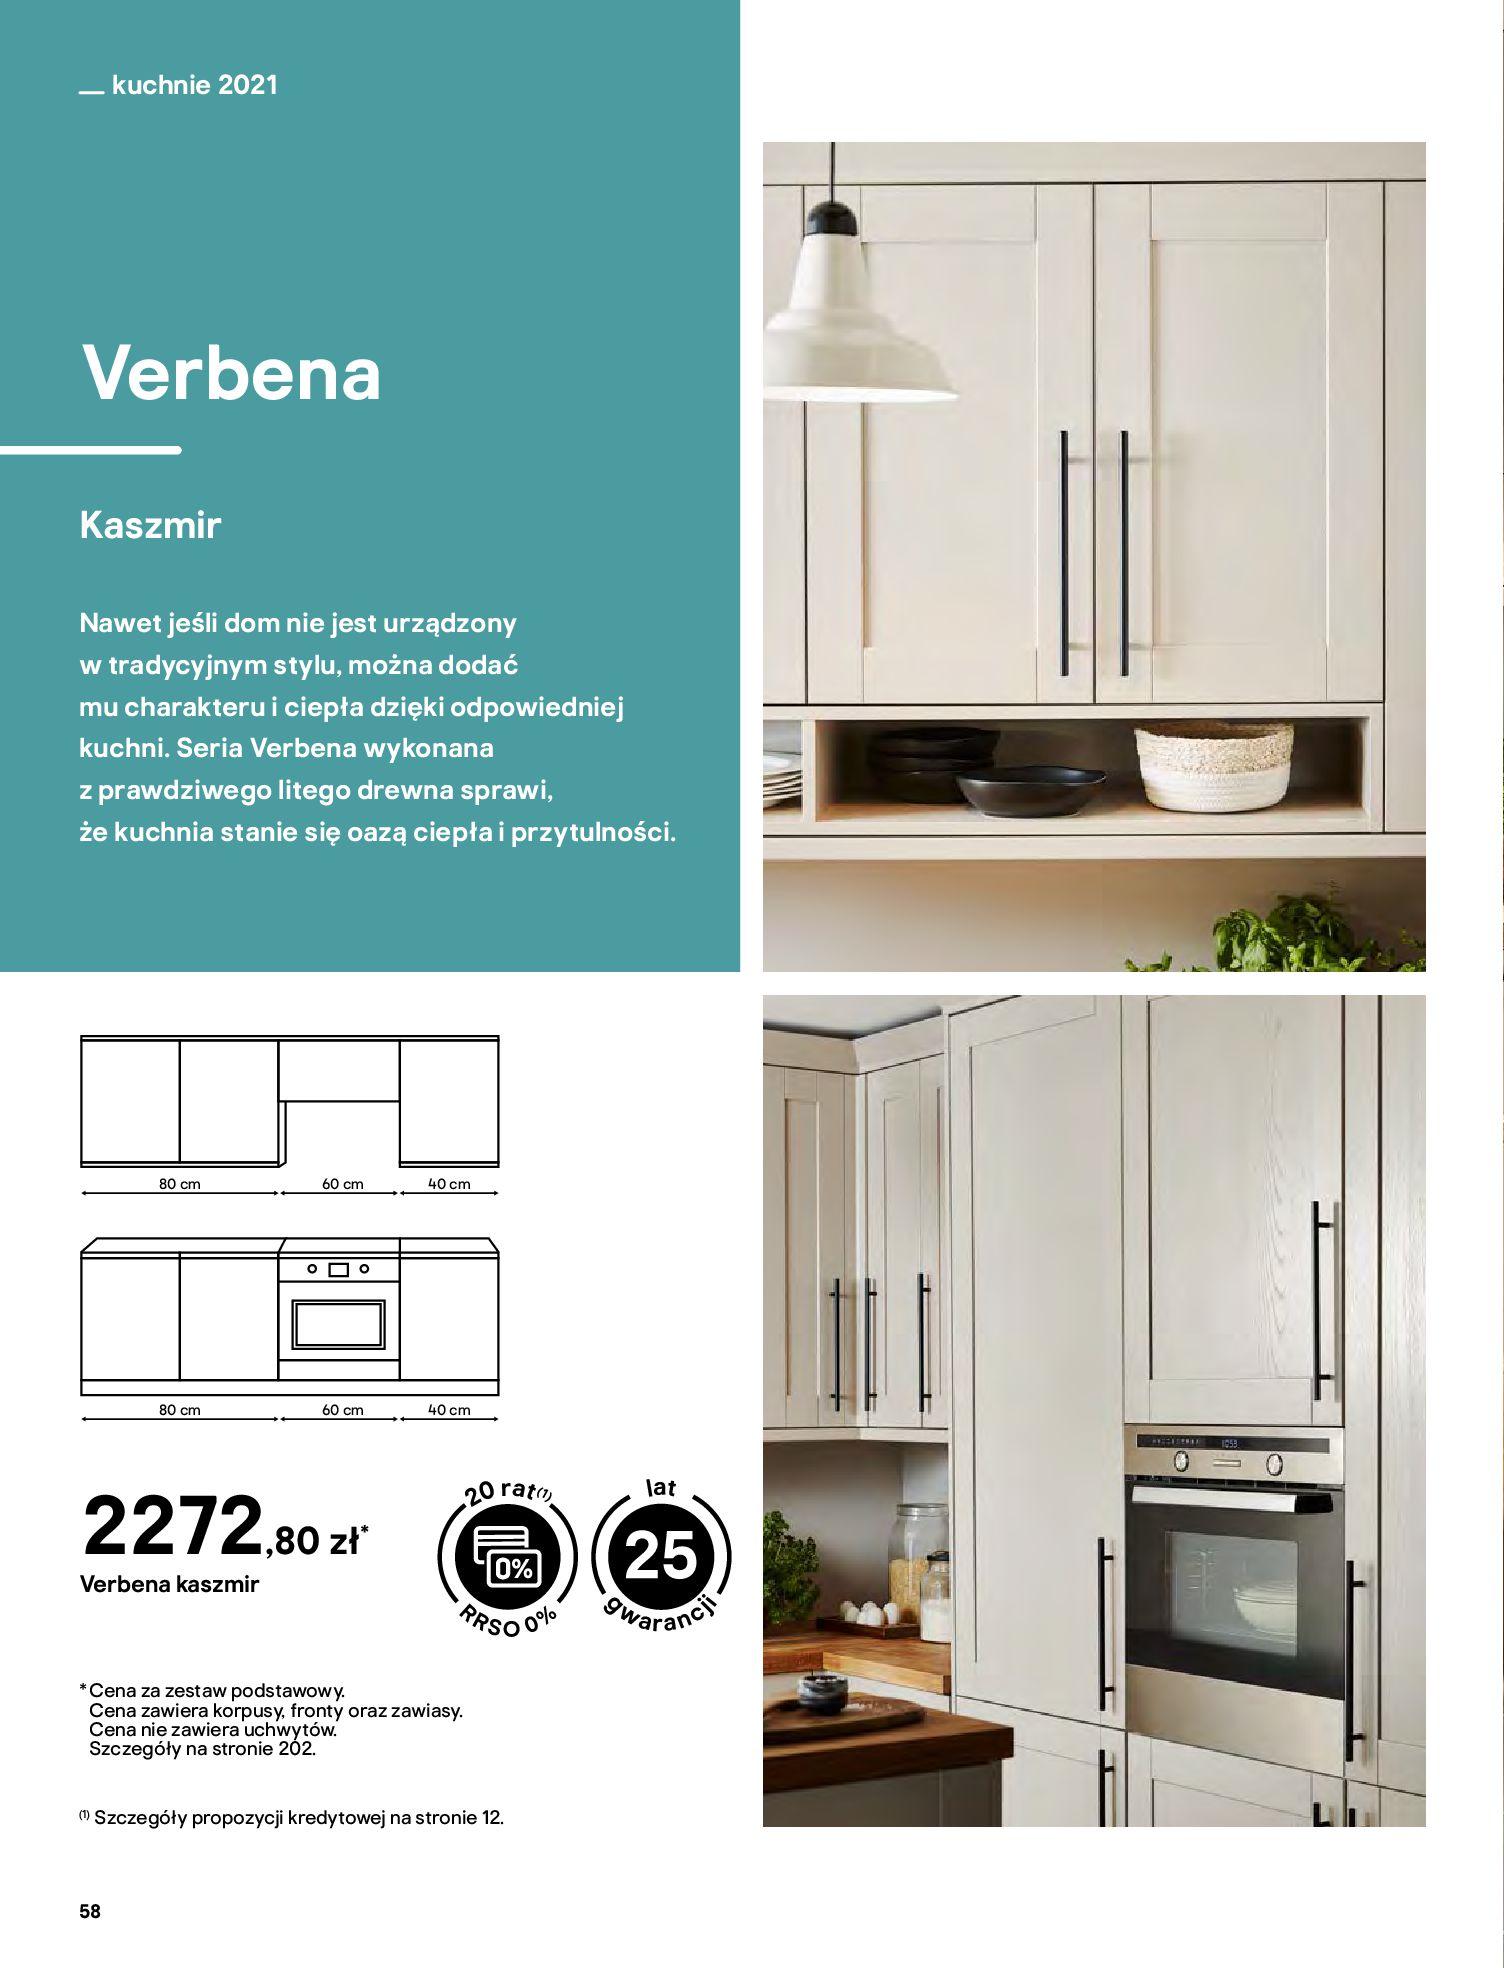 Gazetka Castorama: Katalog kuchnie 2021 2021-05-04 page-58